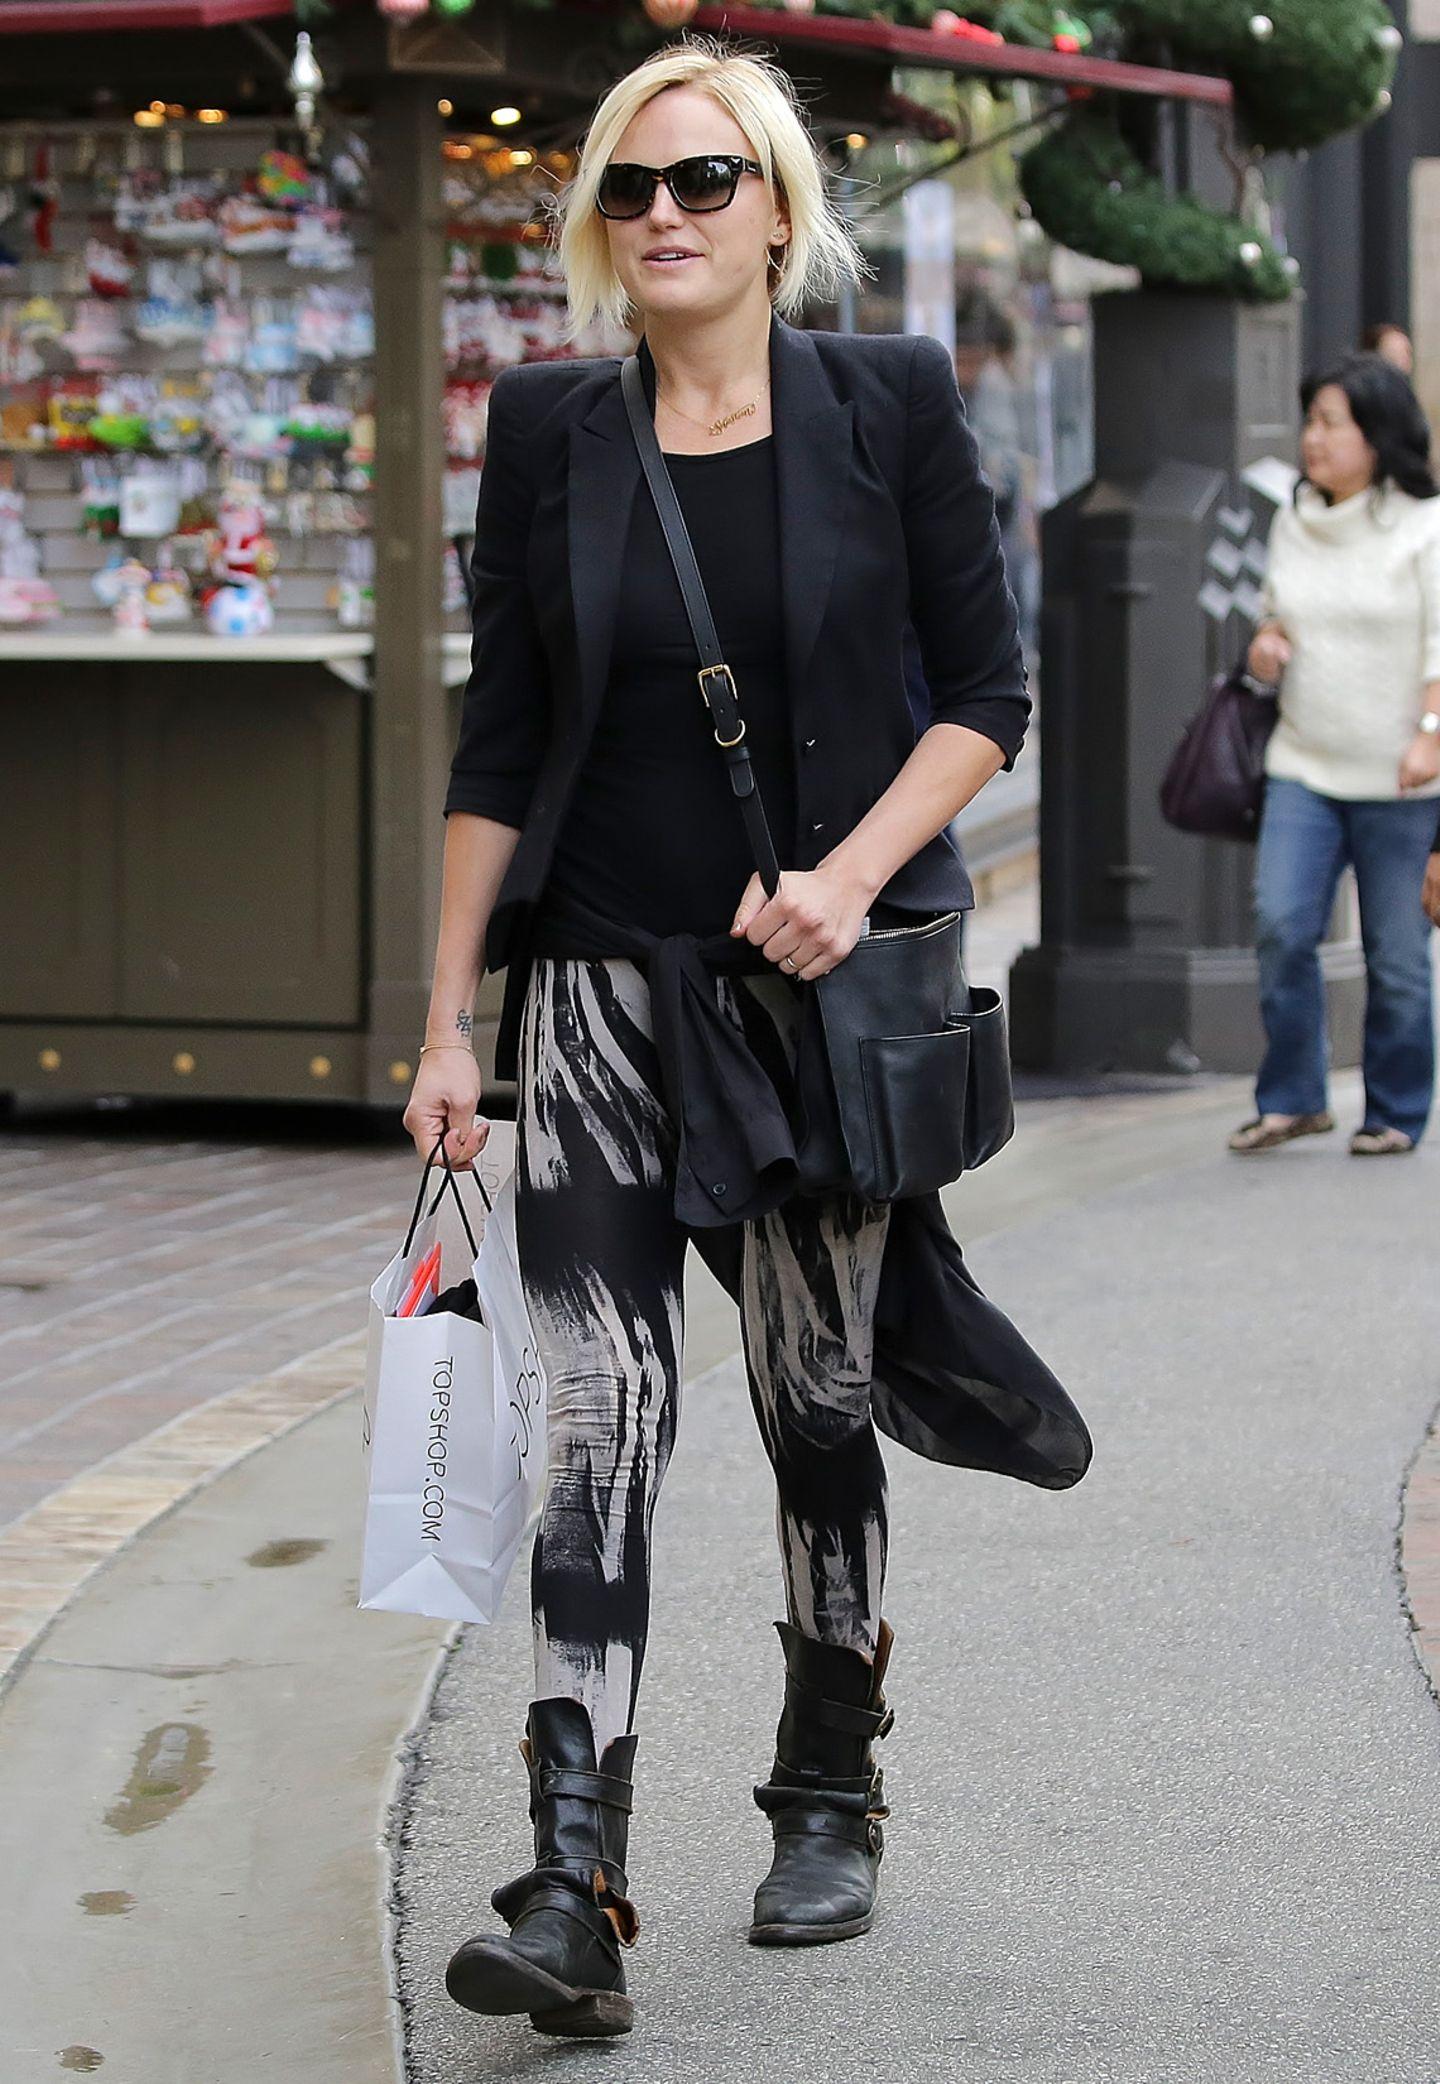 Biker-Boots und gemusterte Leggins sind mit edlem Blazer kombiniert eine tolles Shopping-Outfit. Malin Akerman macht's vor.